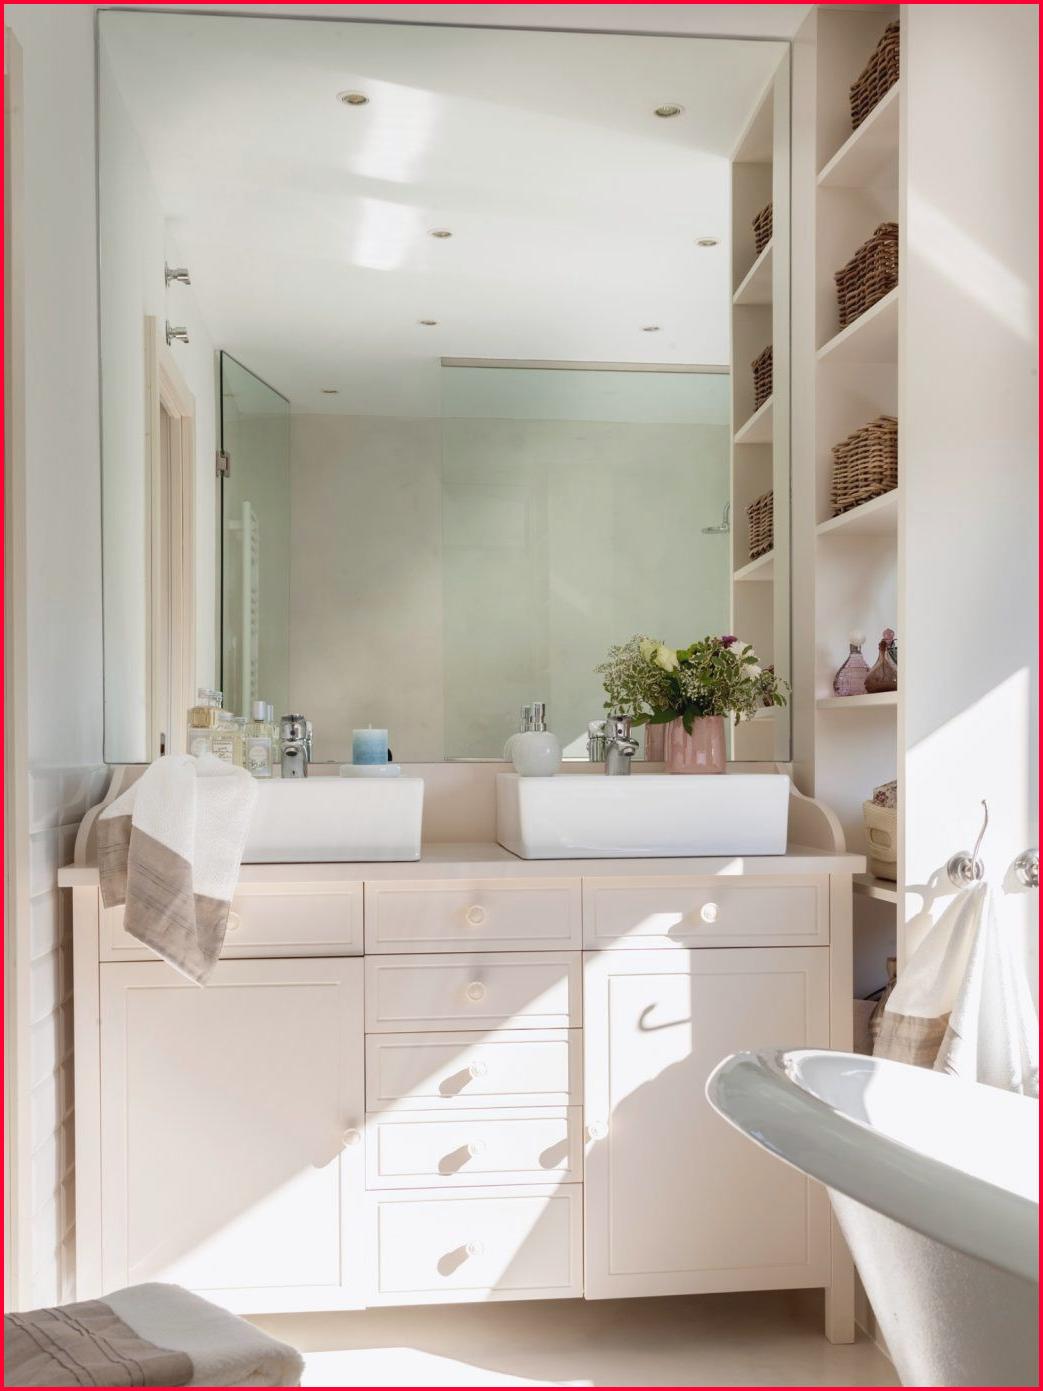 Muebles Baño Conforama Q5df Conforama Muebles De Baà O Muebles Cuarto De Bano Baratos